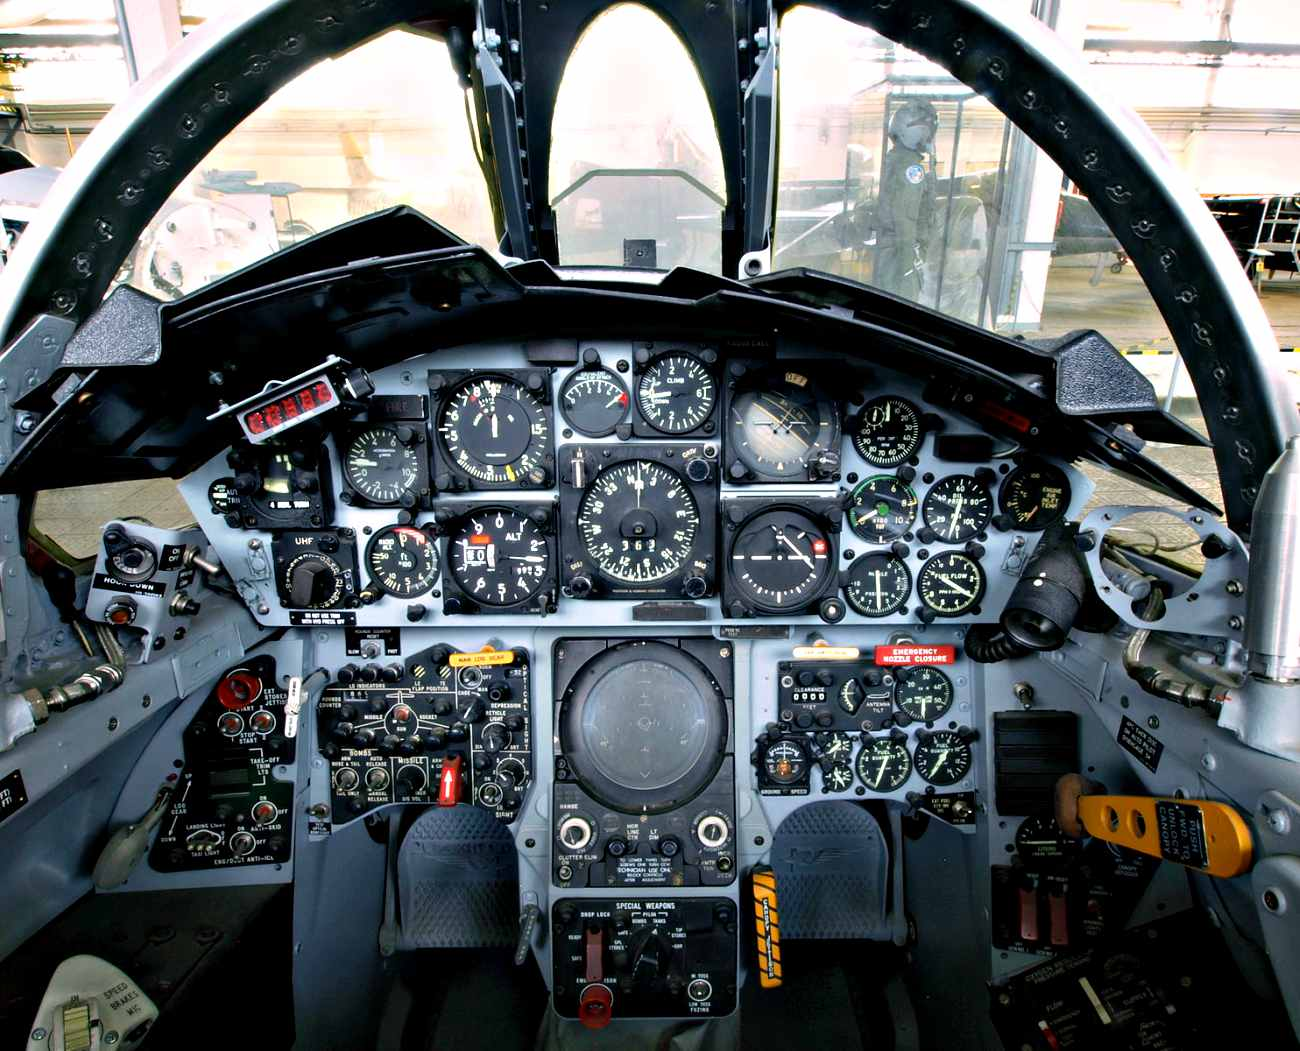 Fighter Jet Cockpit Images_F-104 Cockpit